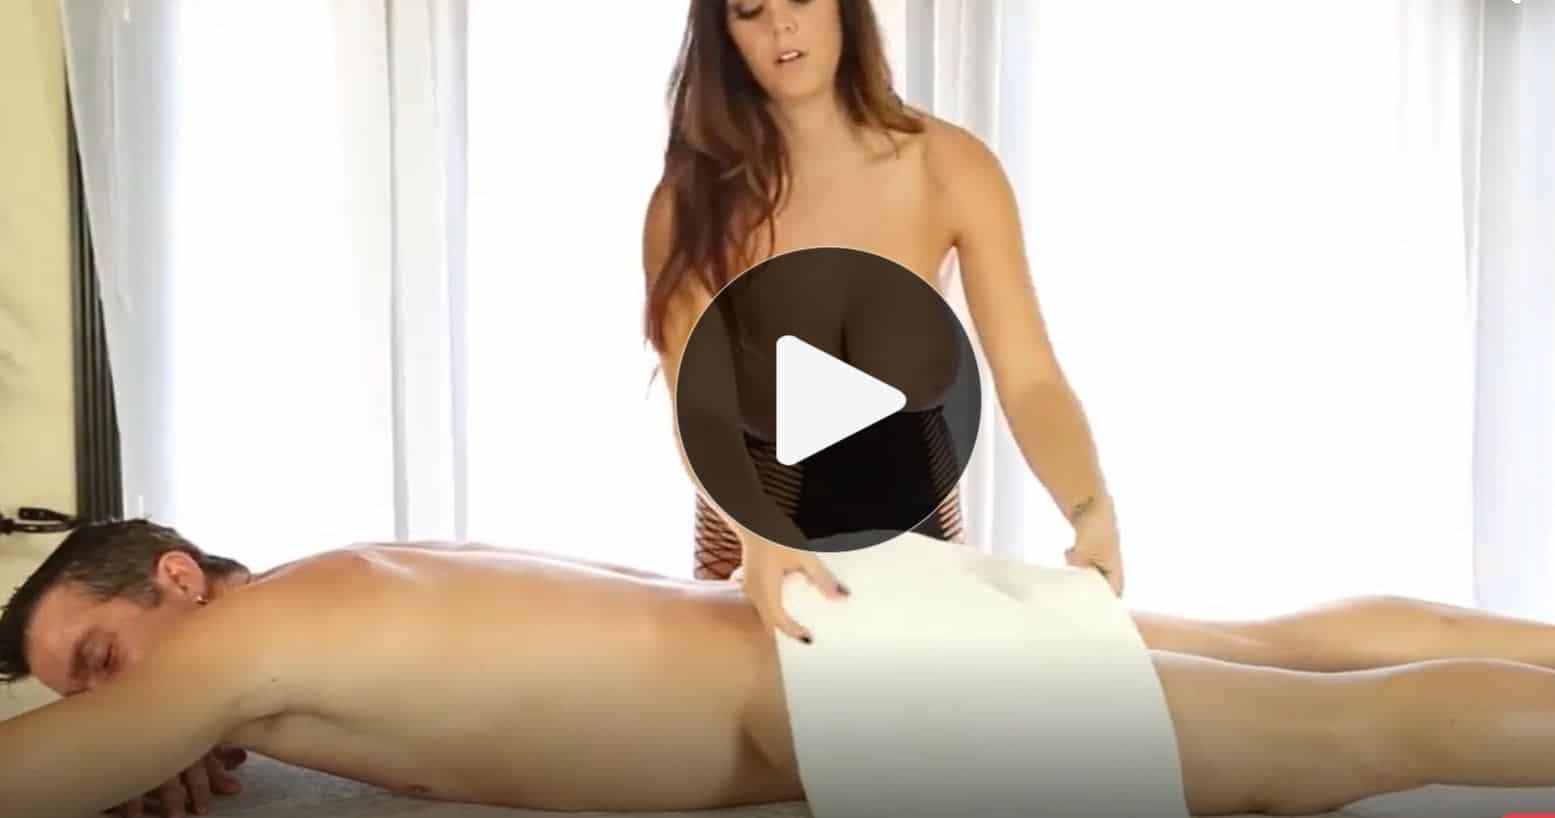 סרטי סקס - שולחן מציצות